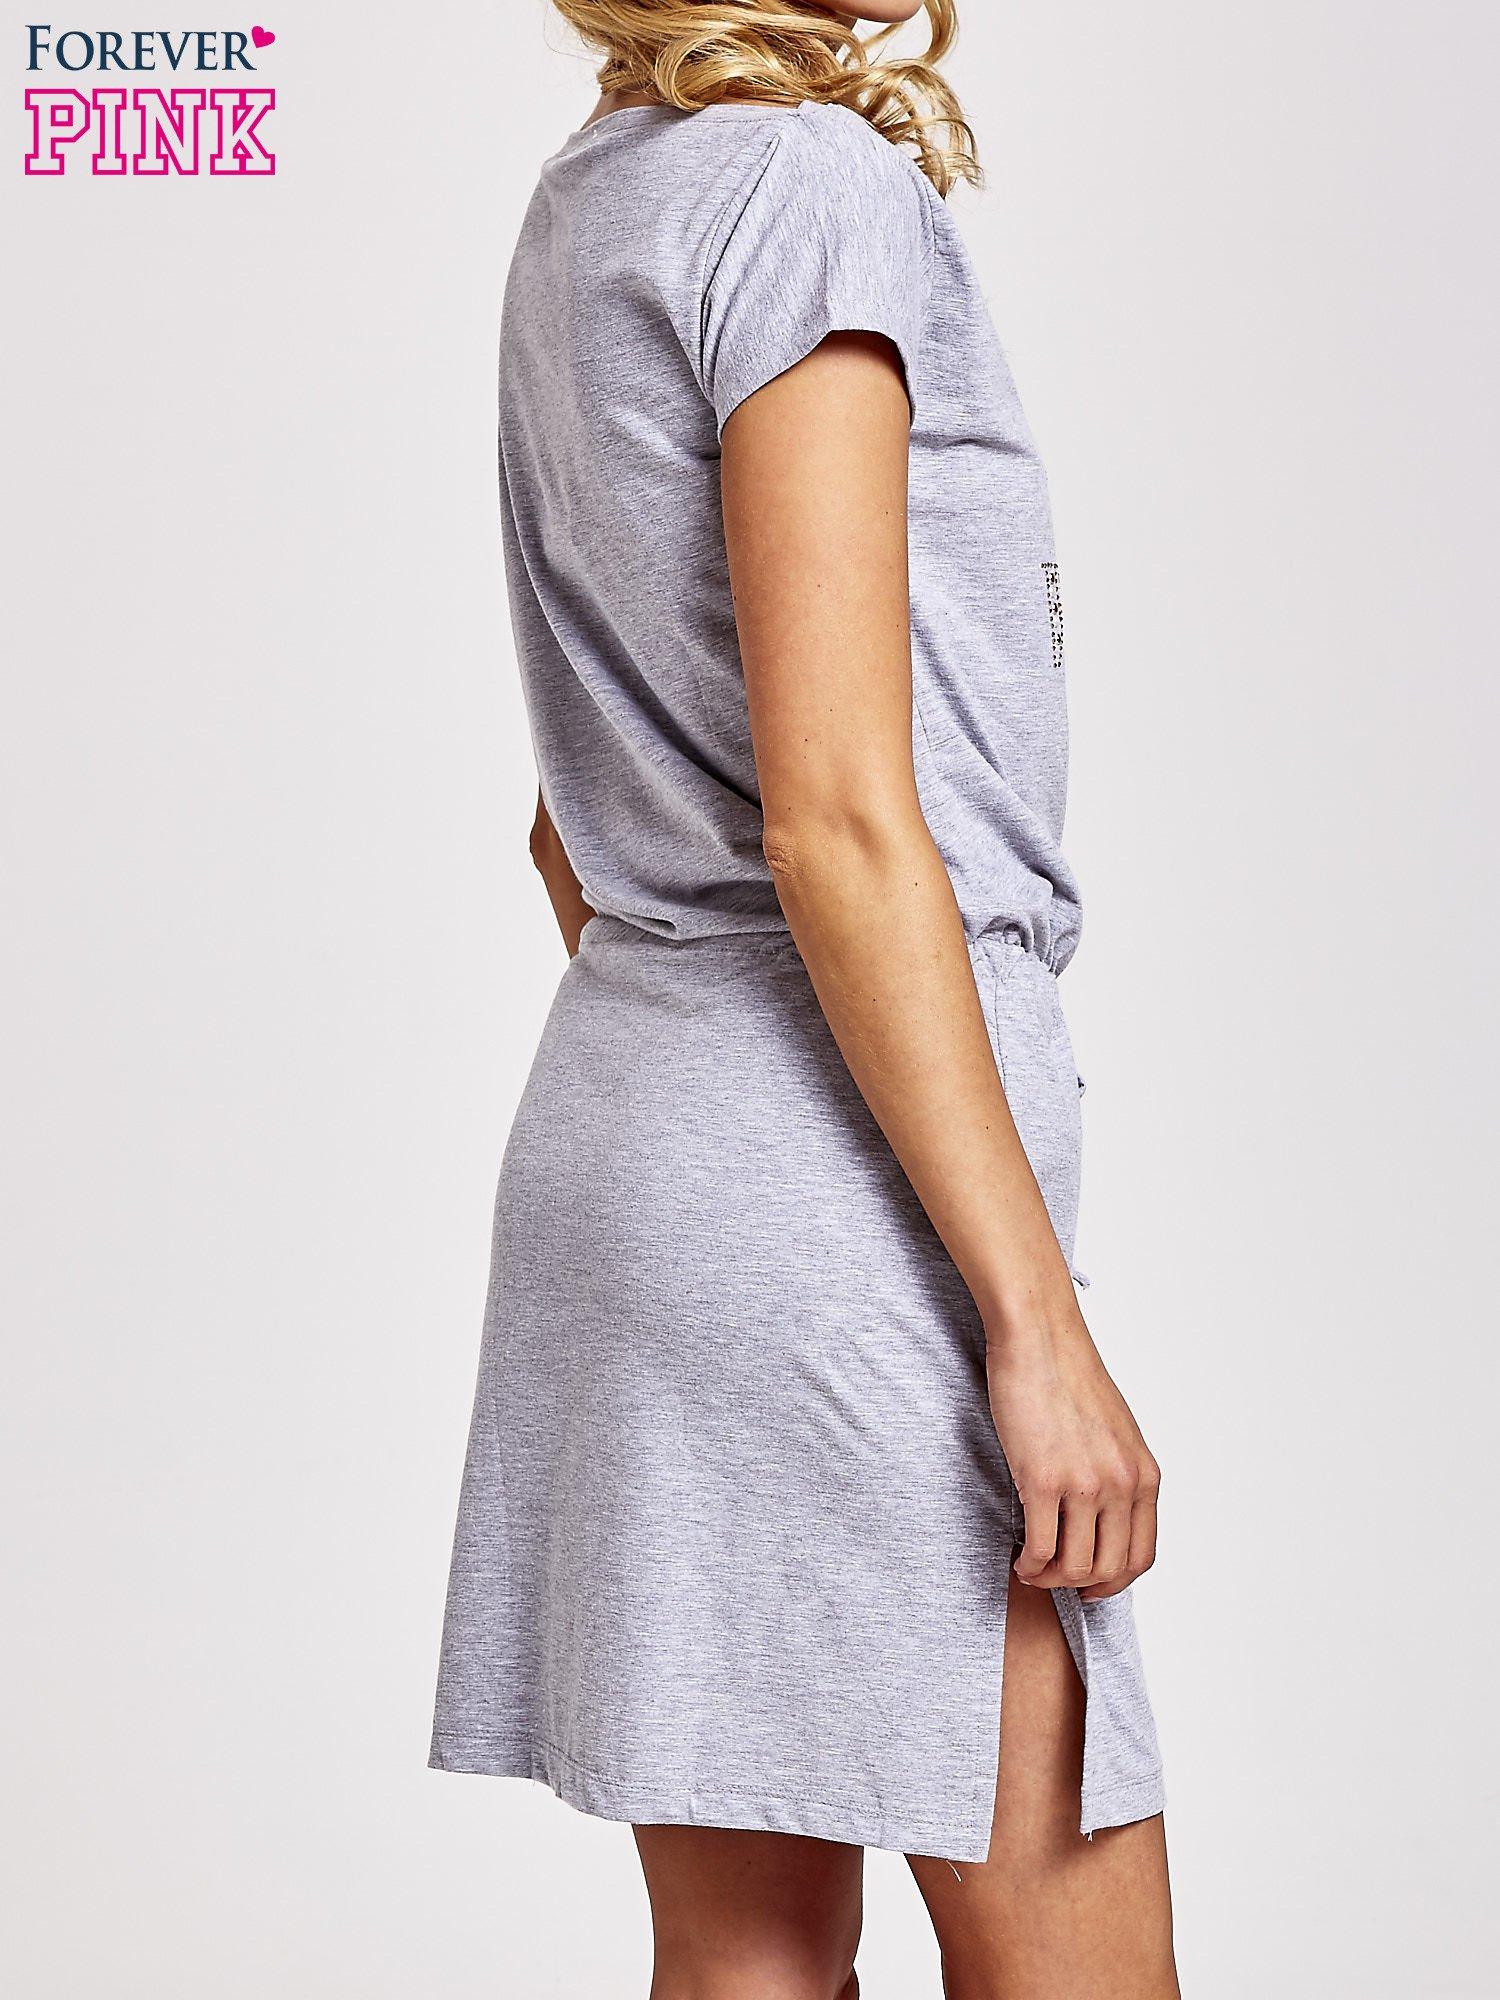 Szara sukienka dresowa wiązana w pasie z aplikacją z dżetów                                  zdj.                                  4